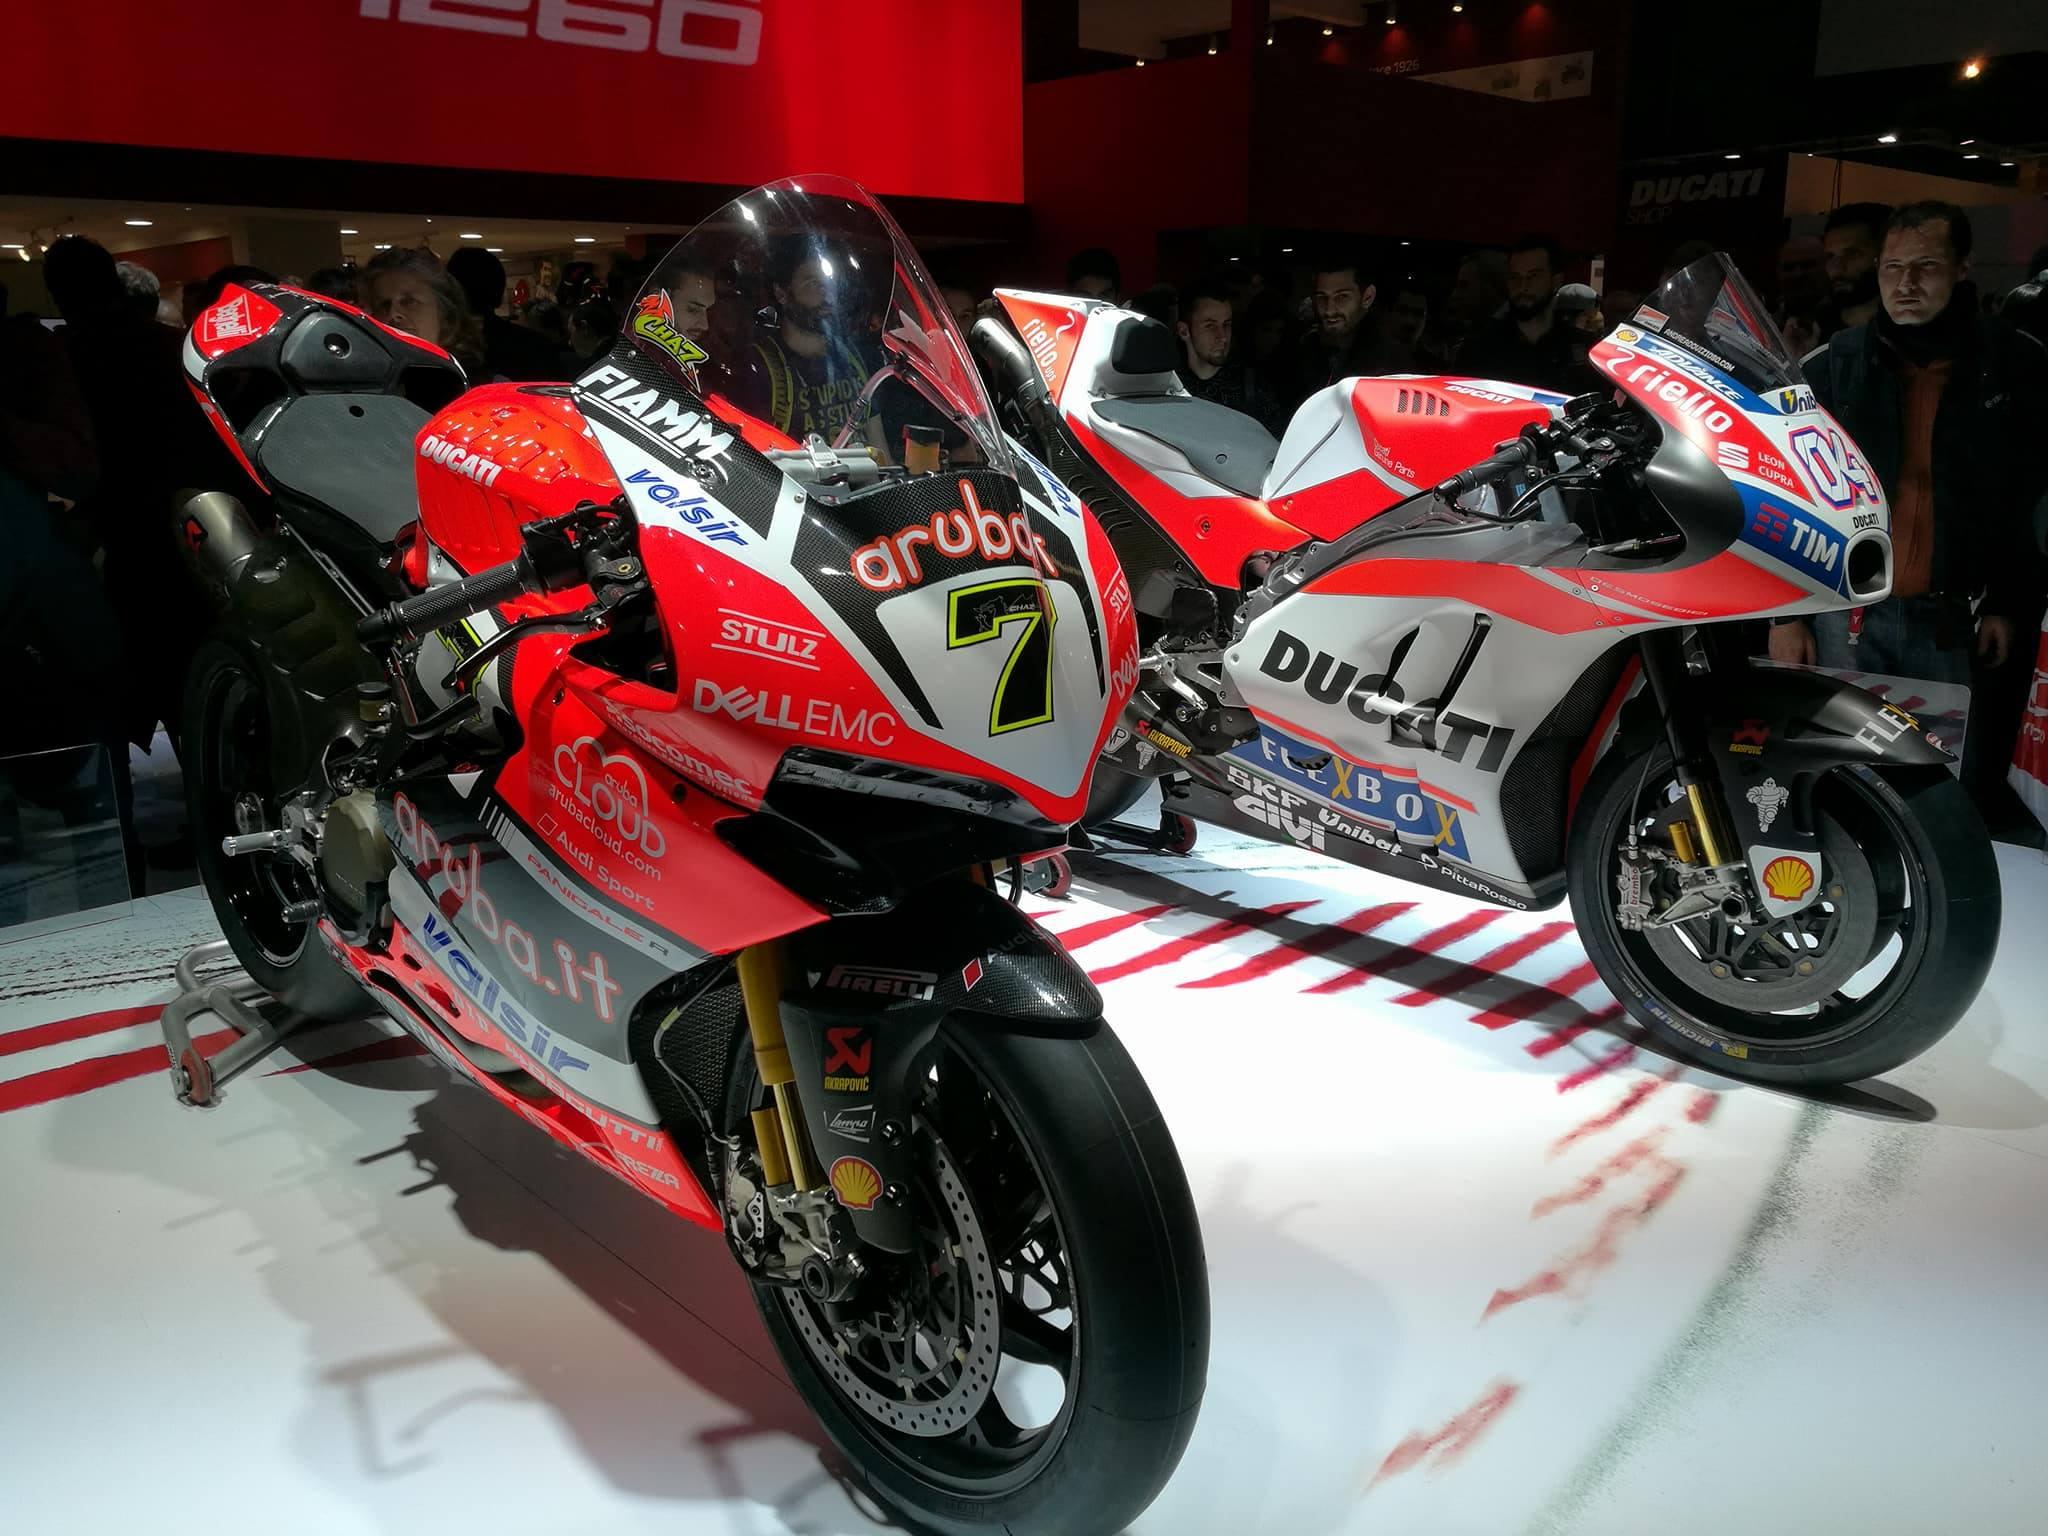 Eicma 2017: Ducati e Honda regine del salone